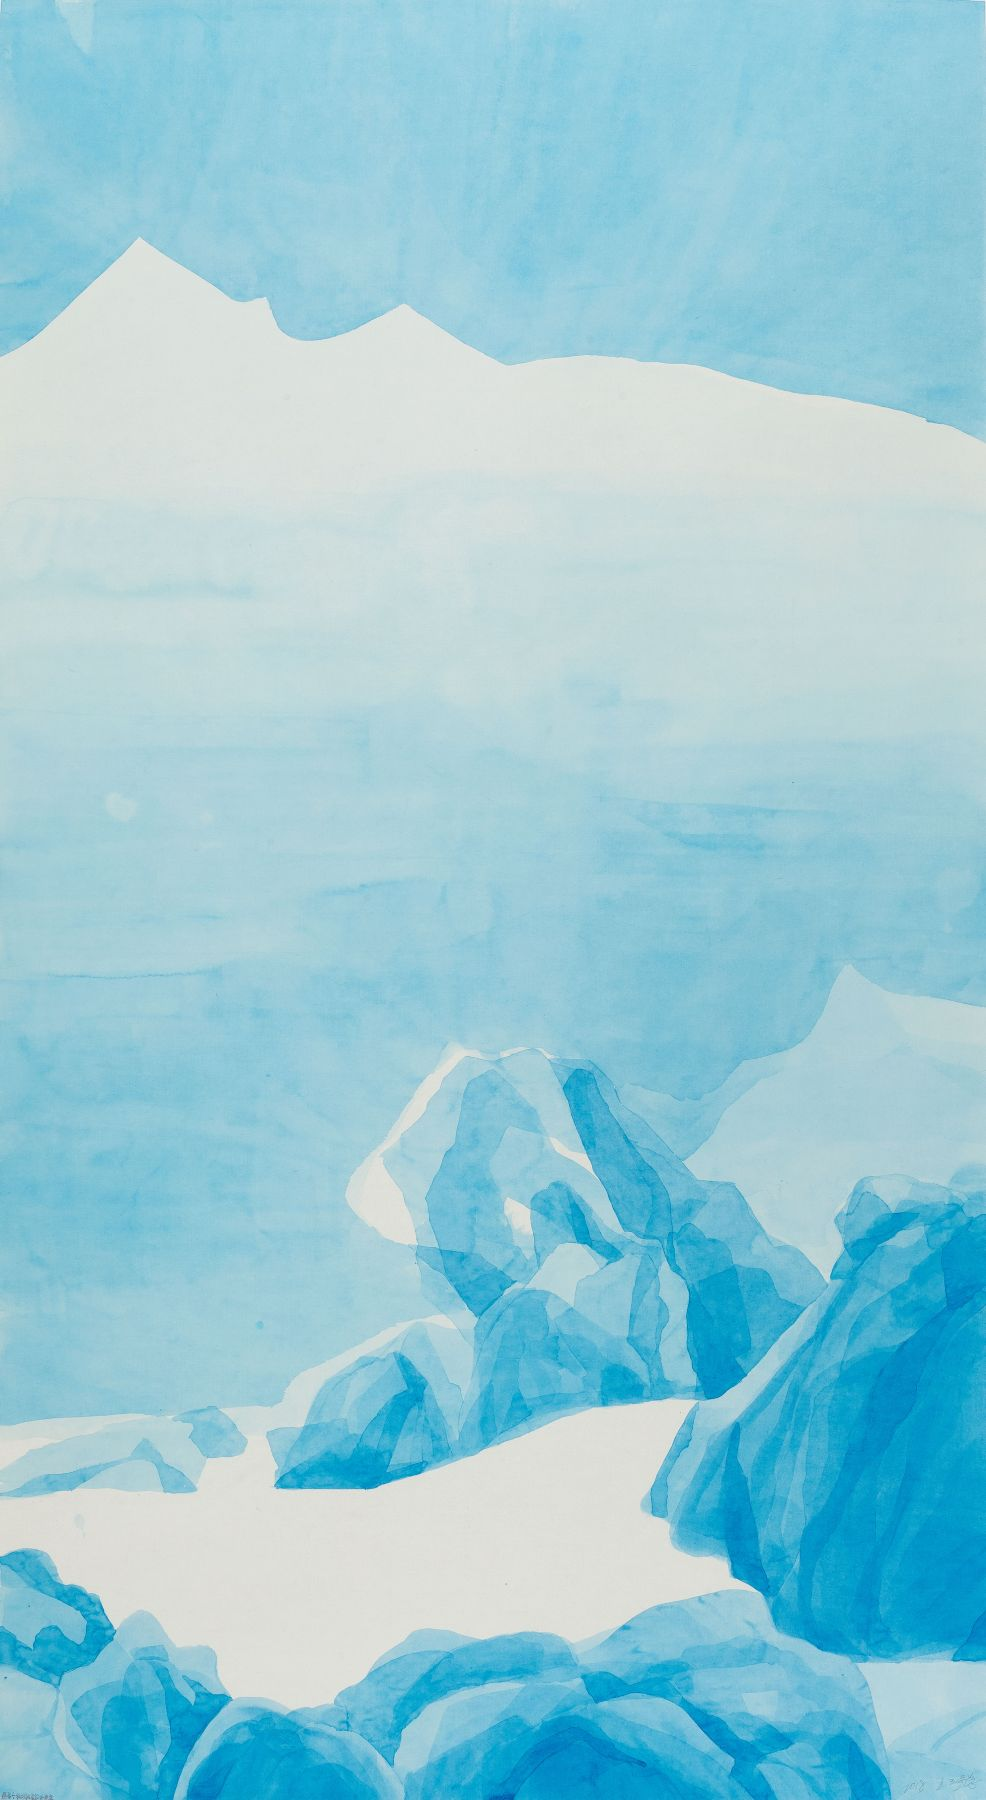 Blue Mountain #1: for Wang Wei 蓝山 #1:致王维